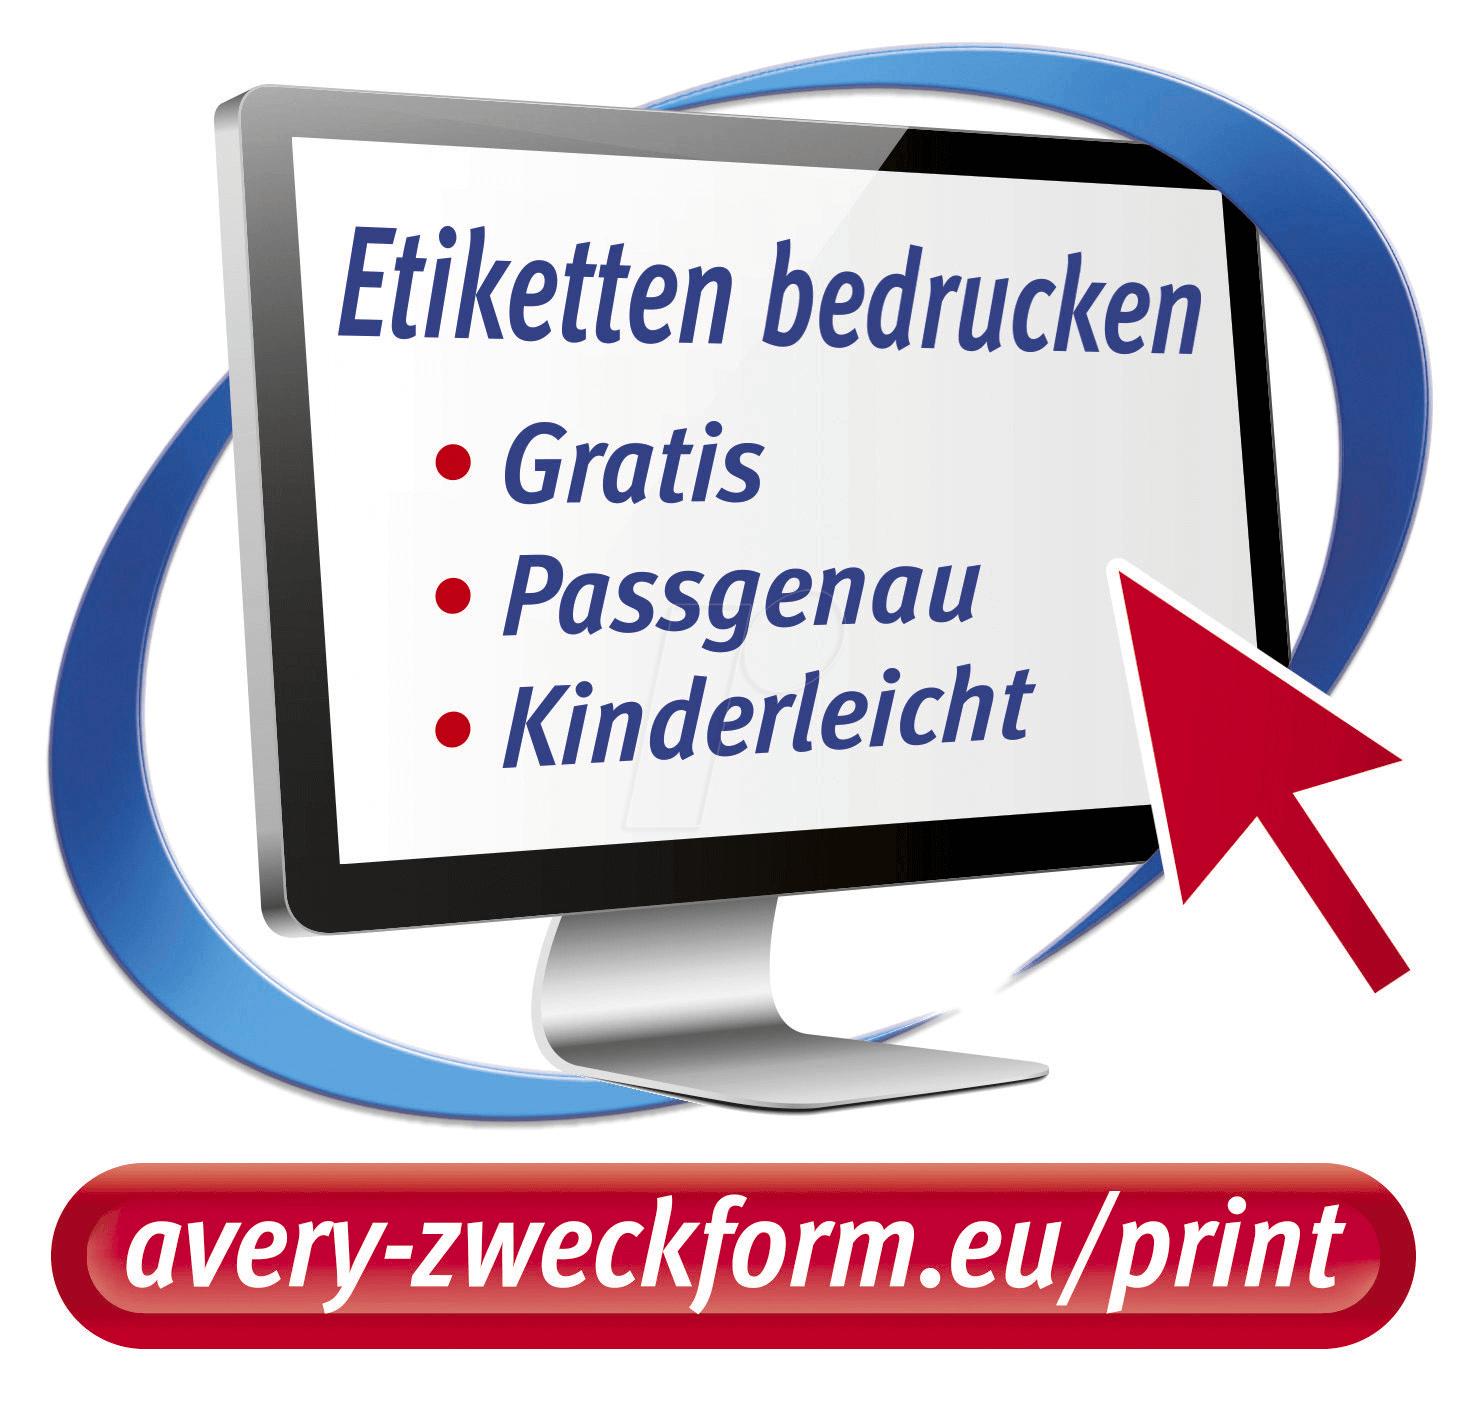 https://cdn-reichelt.de/bilder/web/xxl_ws/E460/AVZ_L4774REV-8_09.png